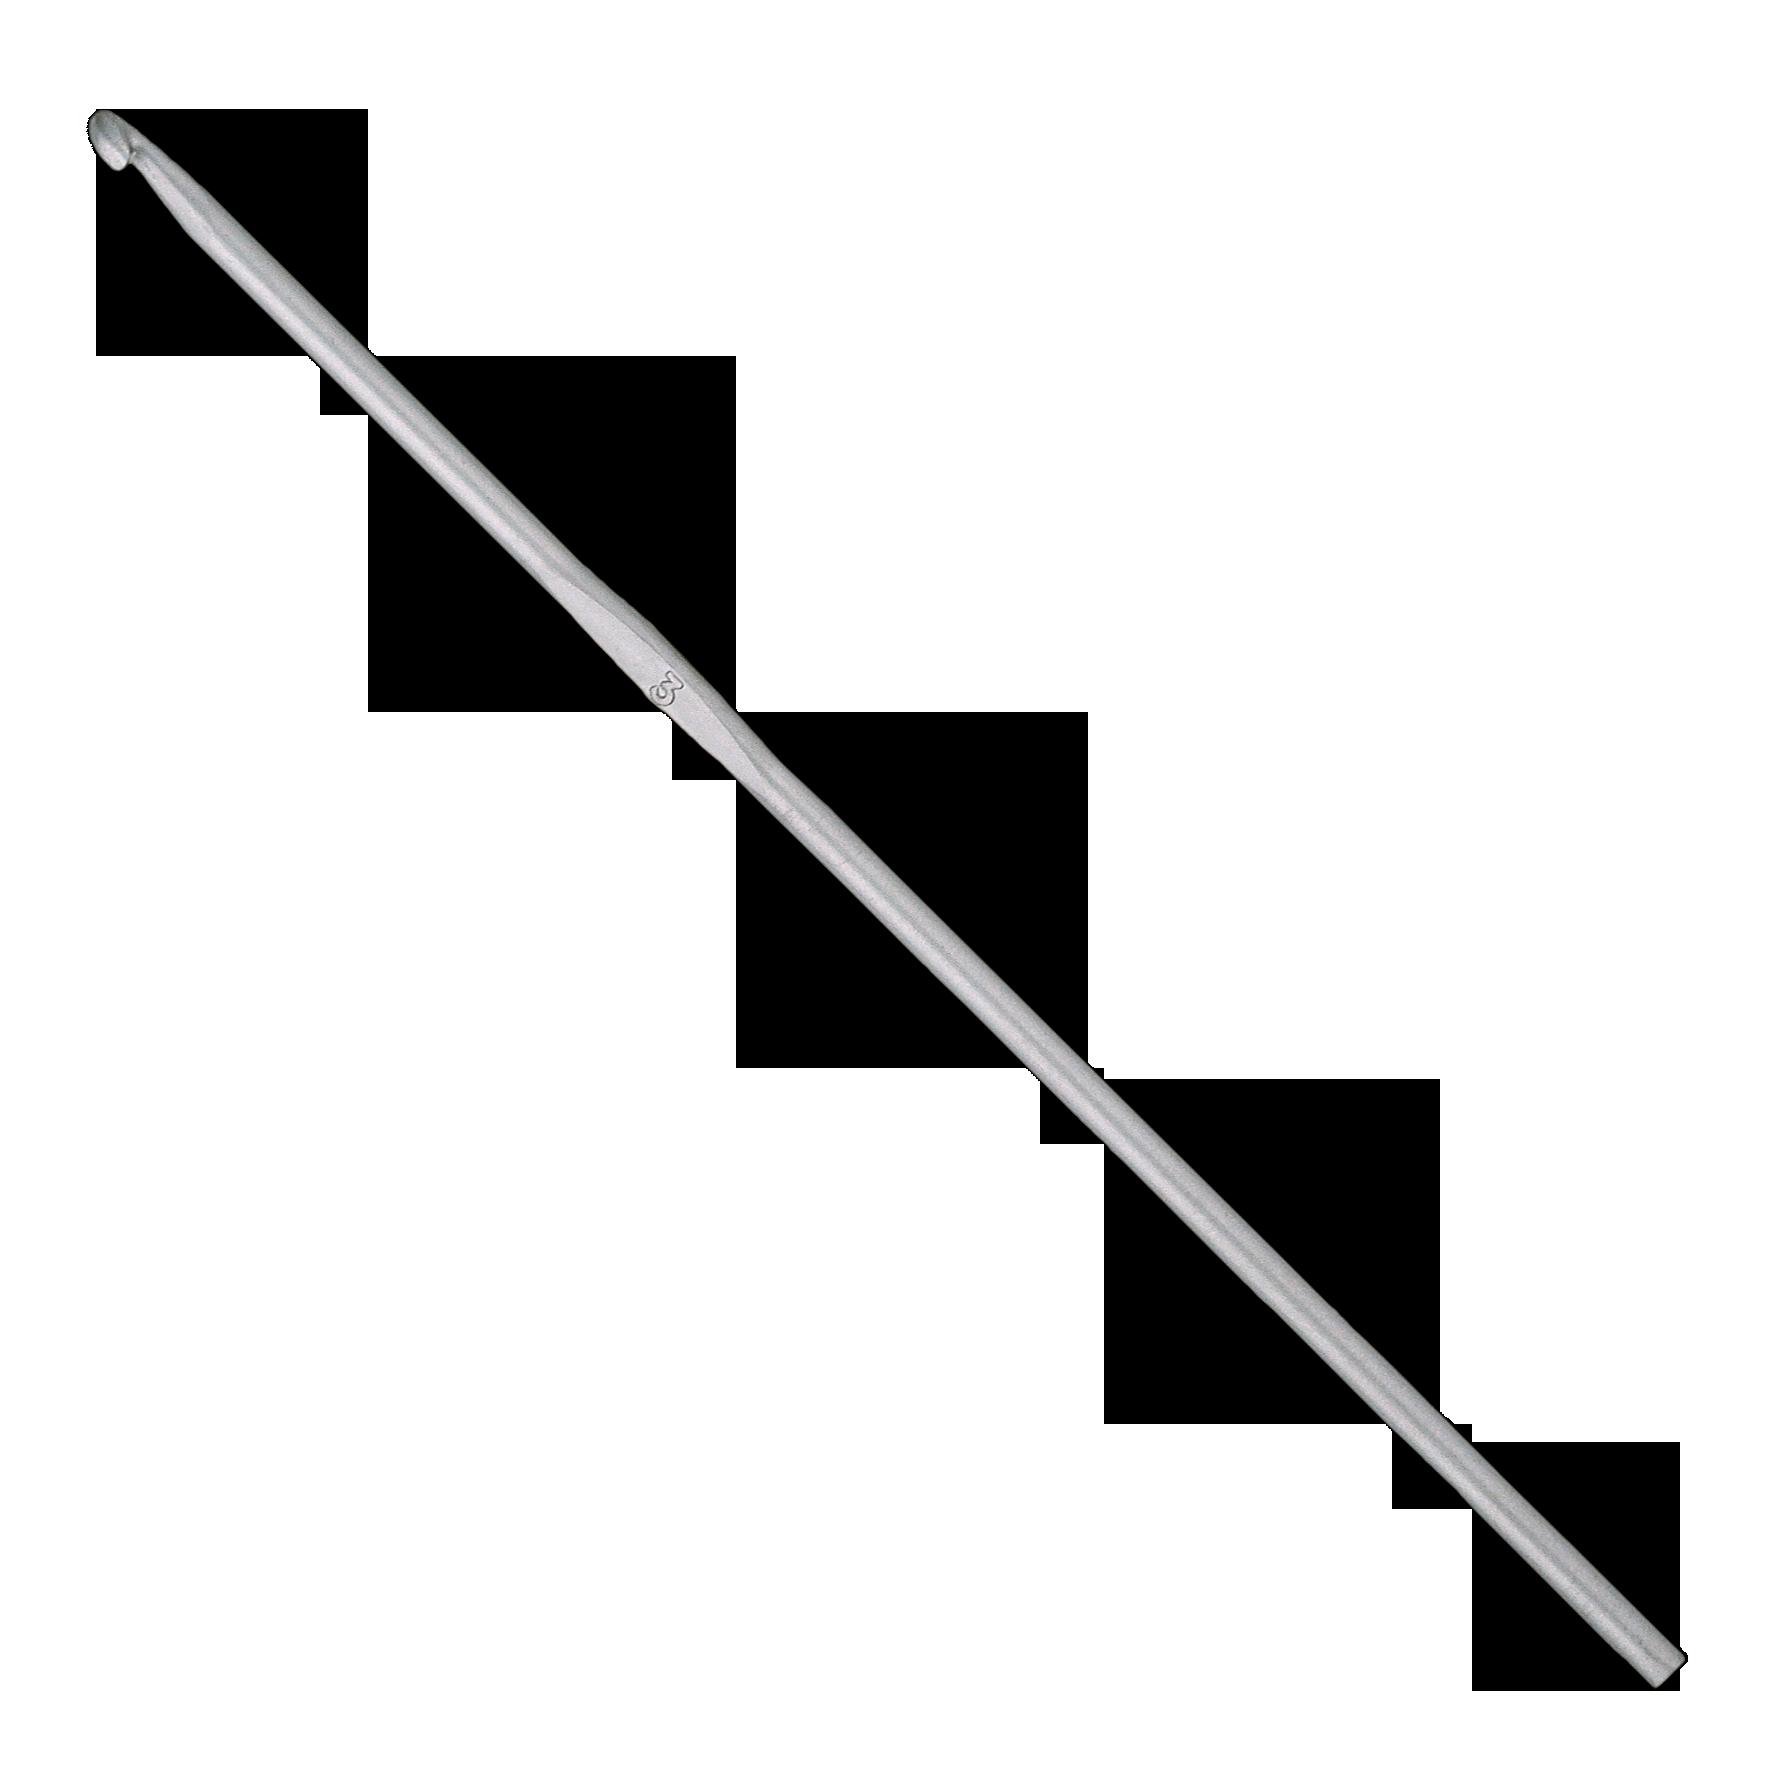 Addi alu horgolótű nyél nélkül 12mm